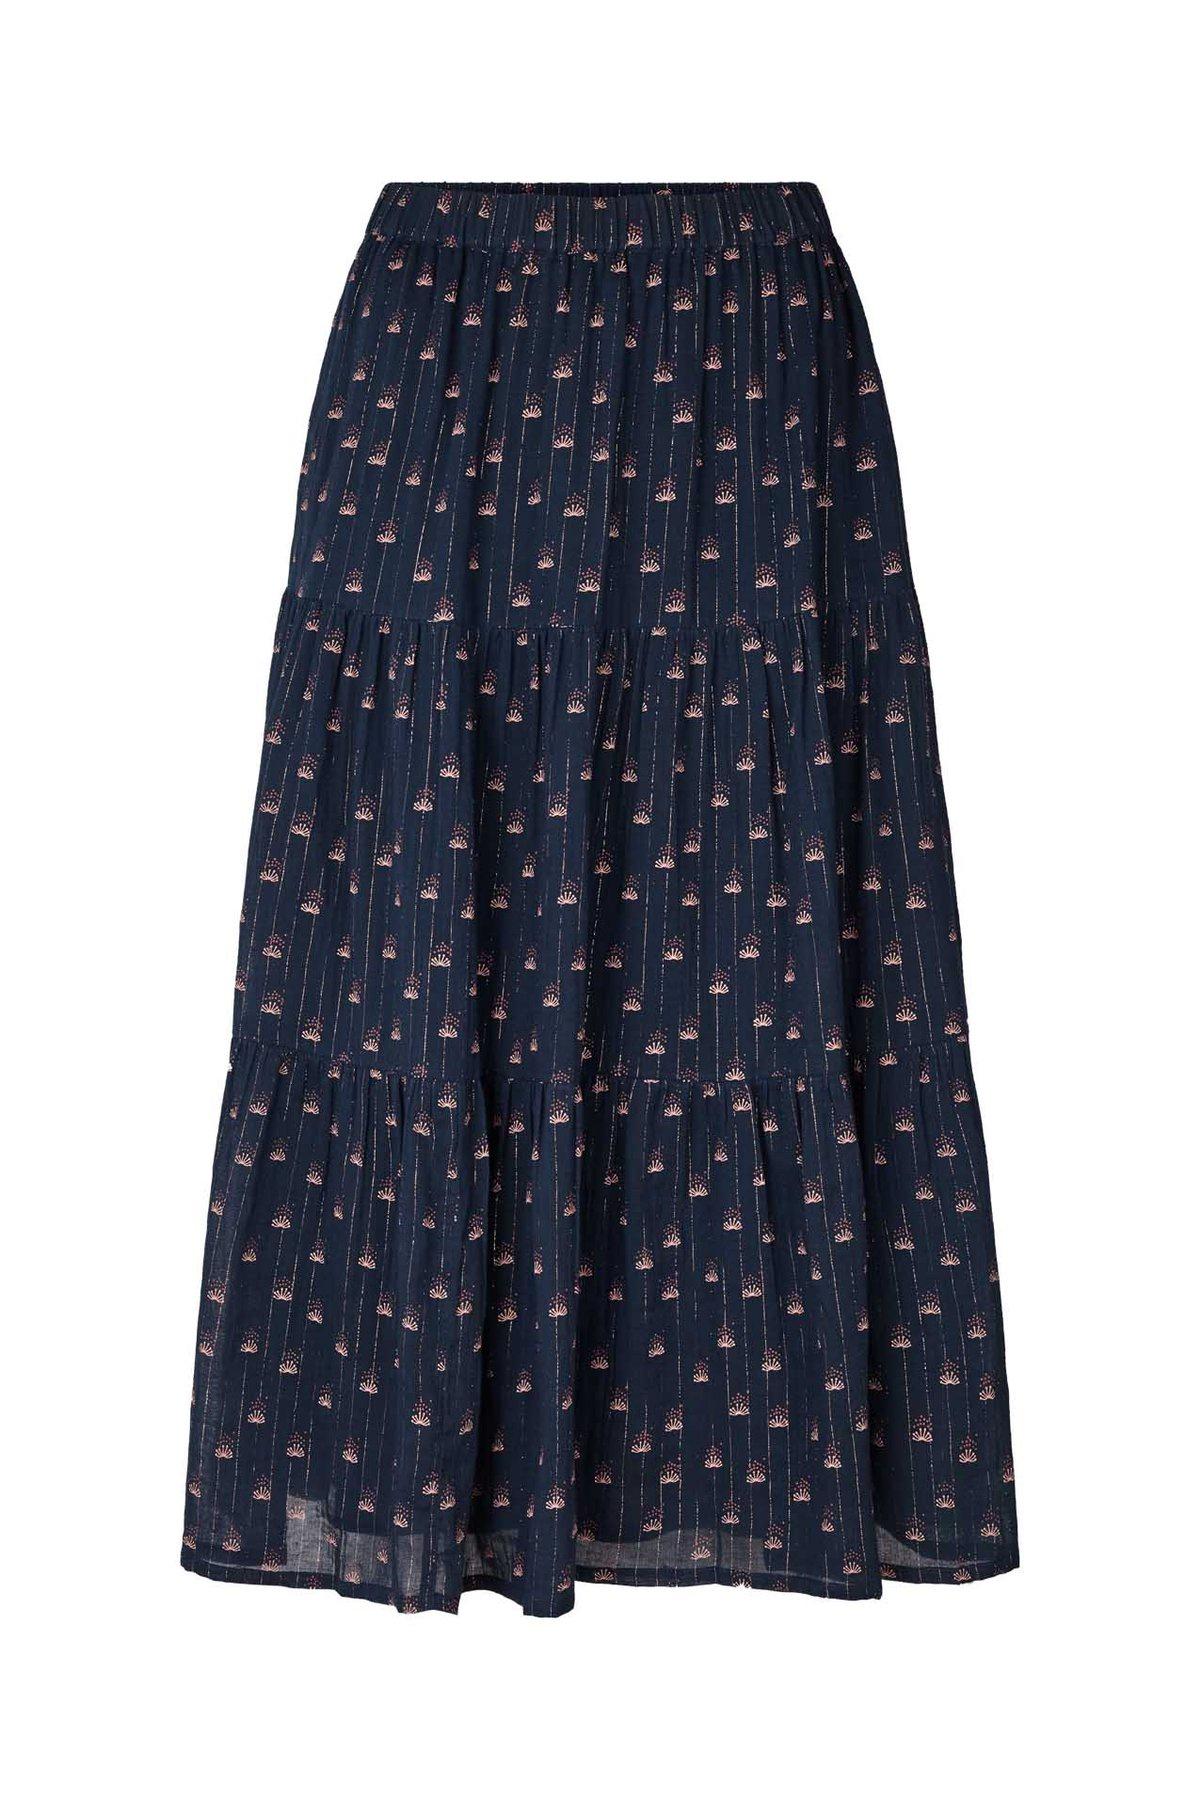 Morning skirt - Navy print